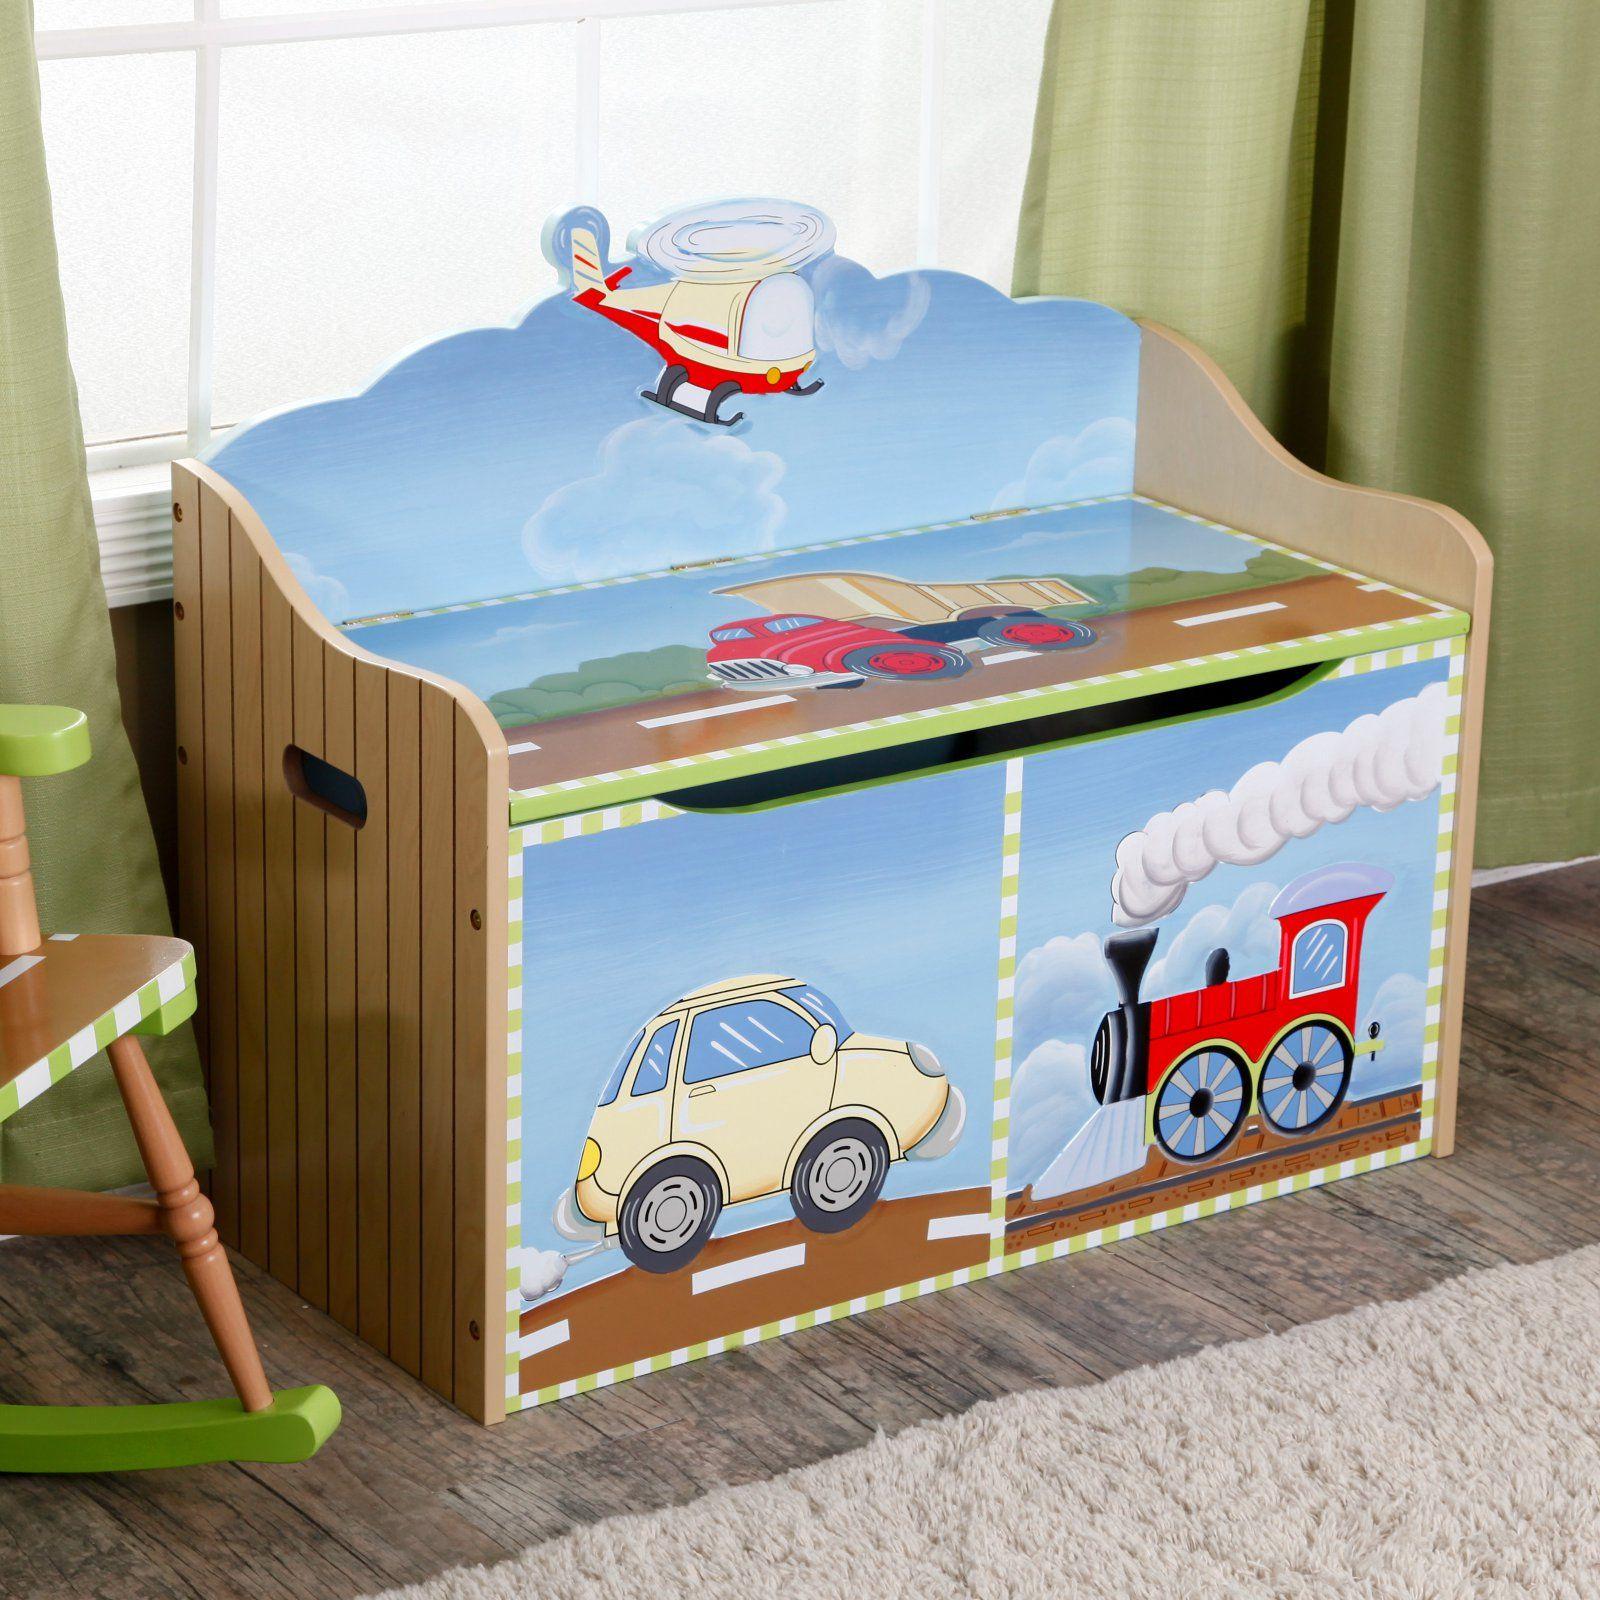 Fantasy Fields Transportation Toy Chest Toy Chest Kid Toy